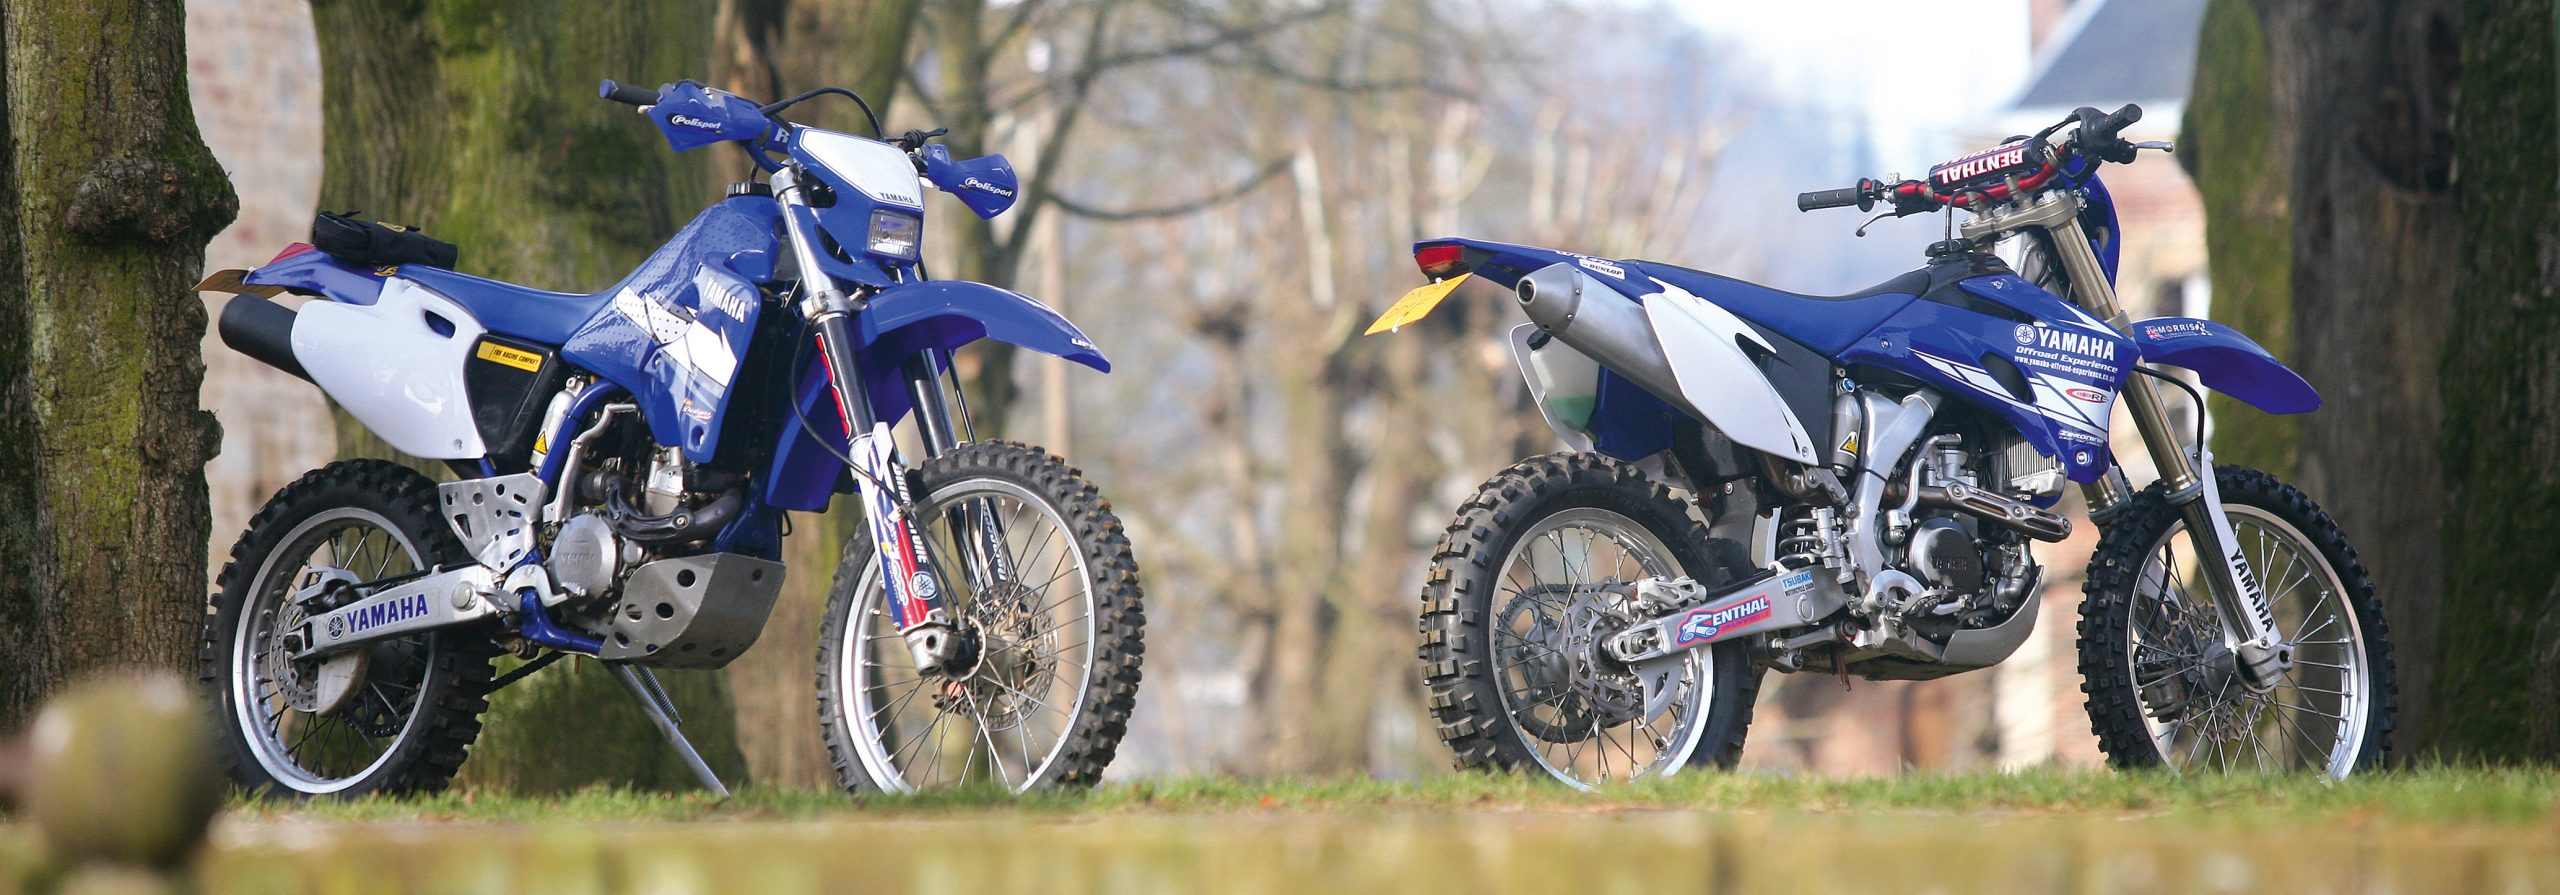 WR400F WR450F